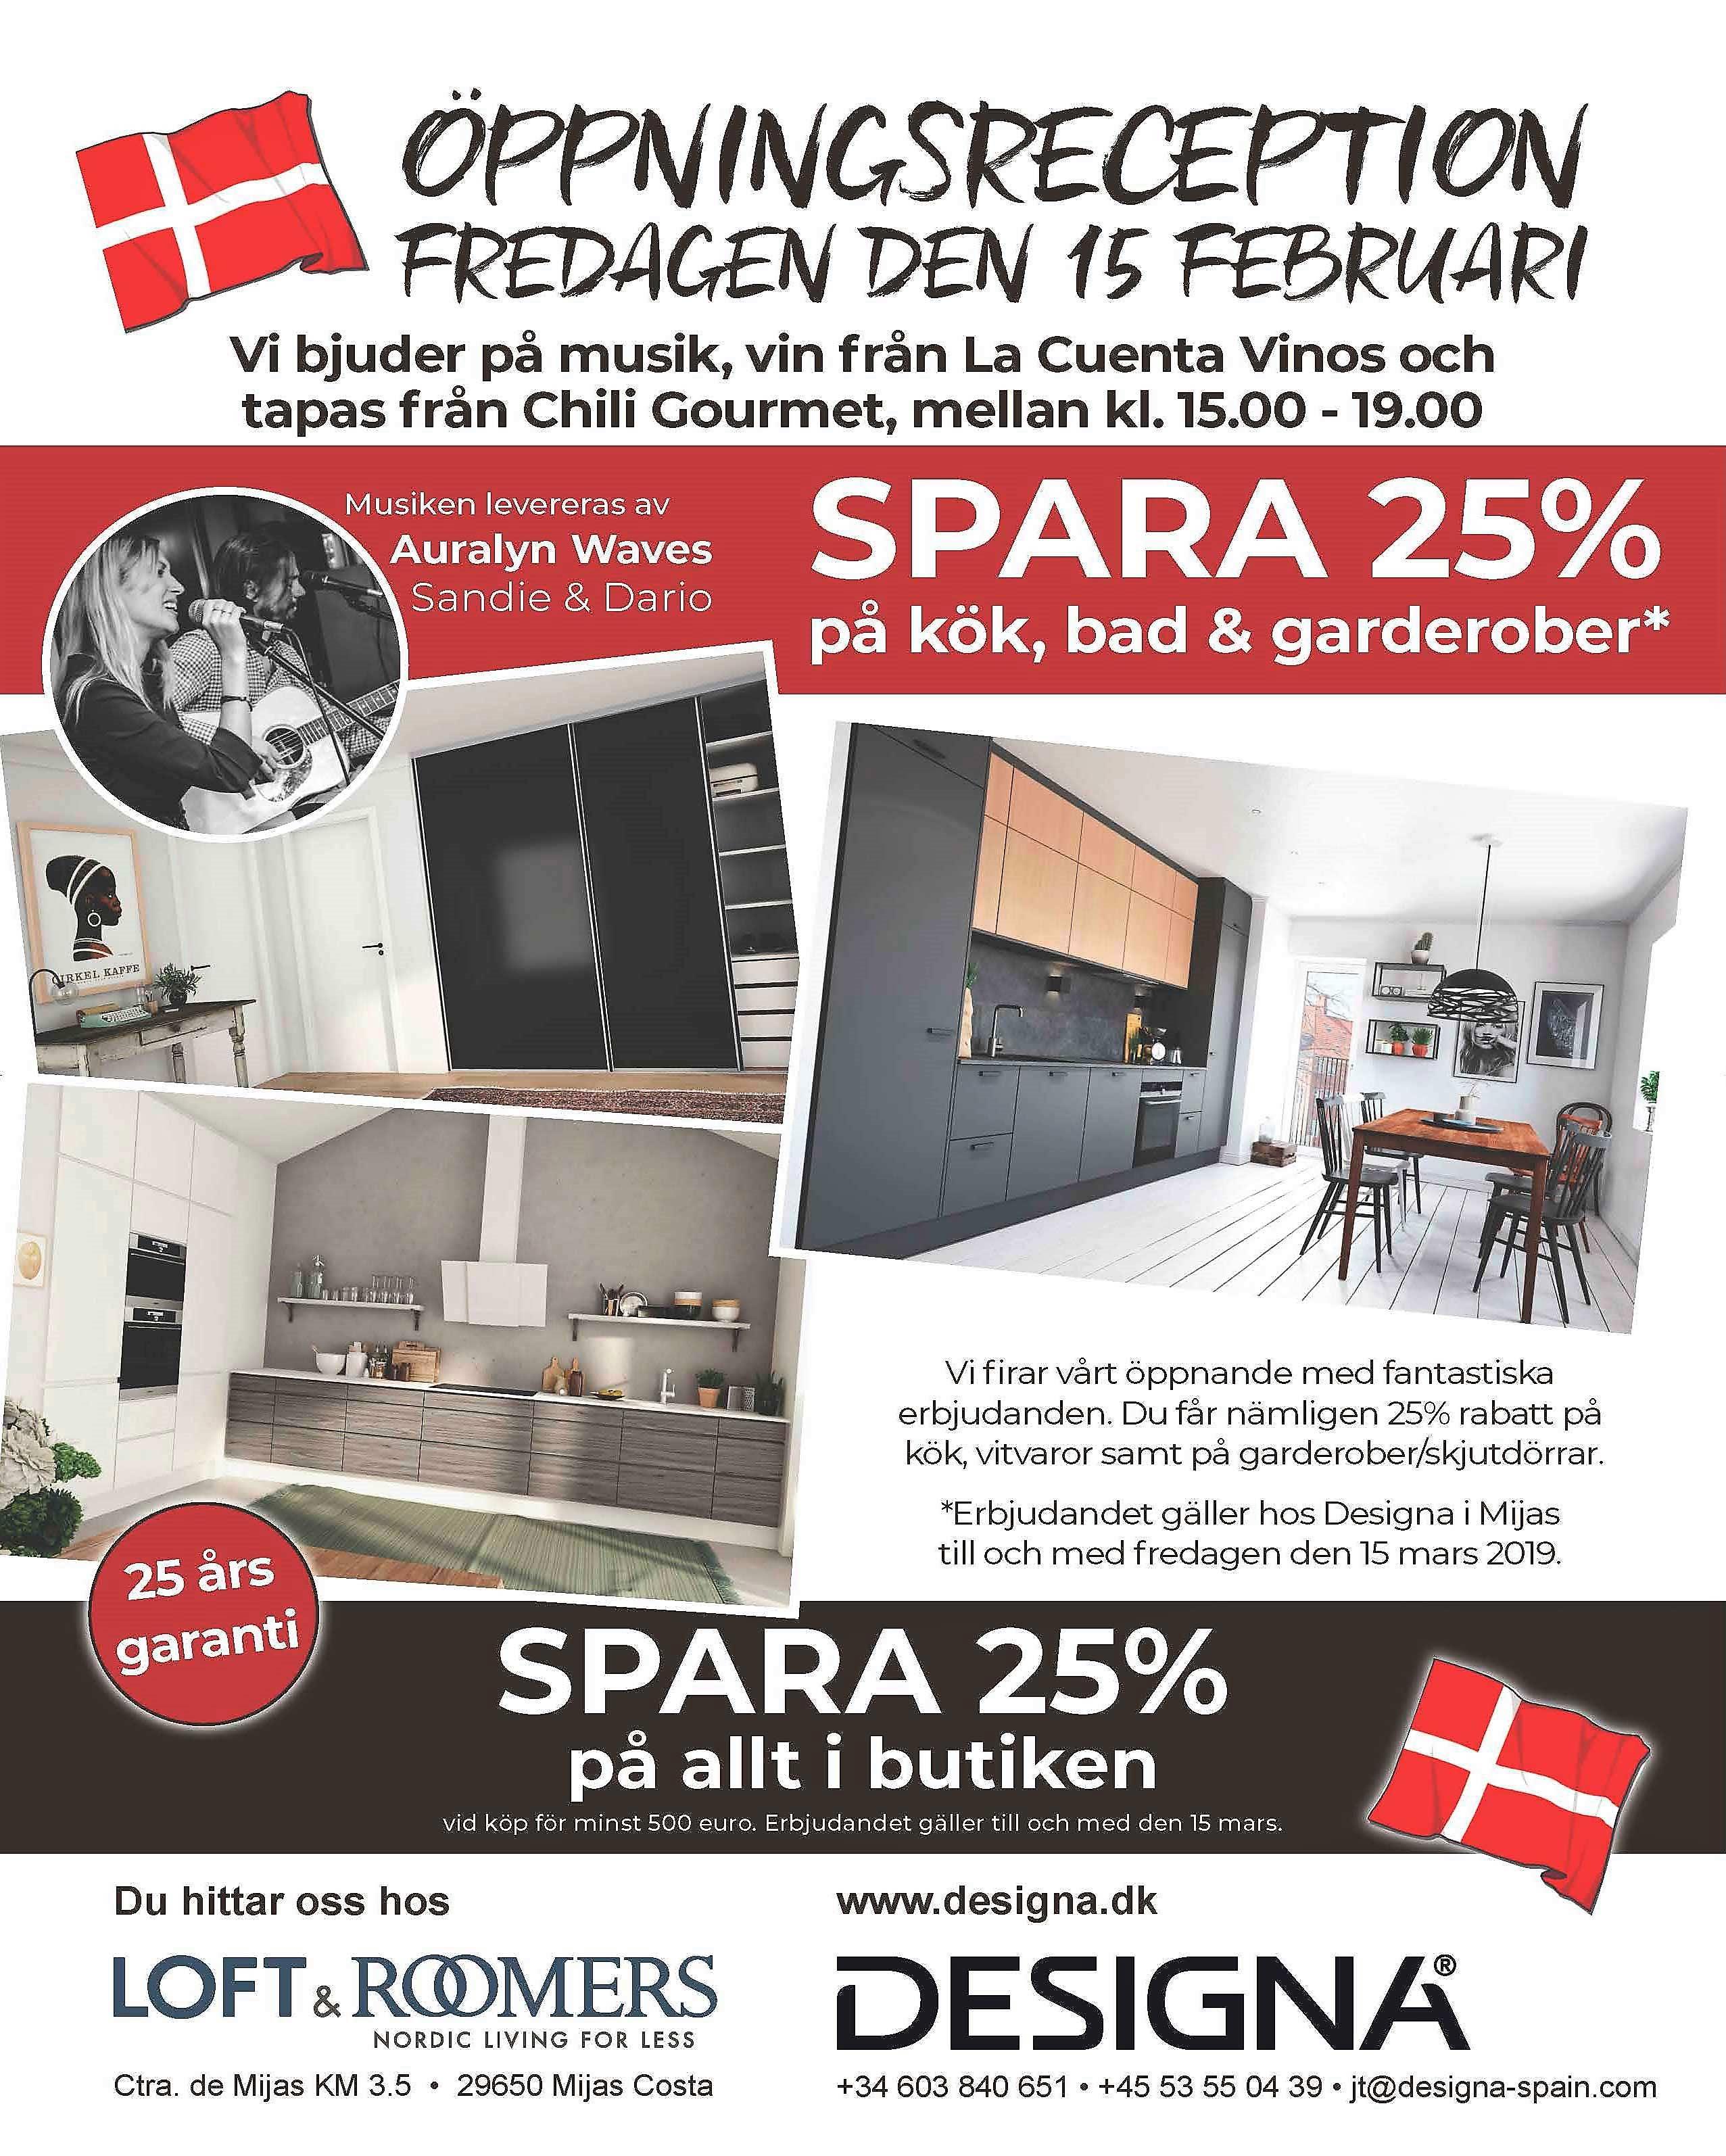 NEW Designa ES februar 2019 img